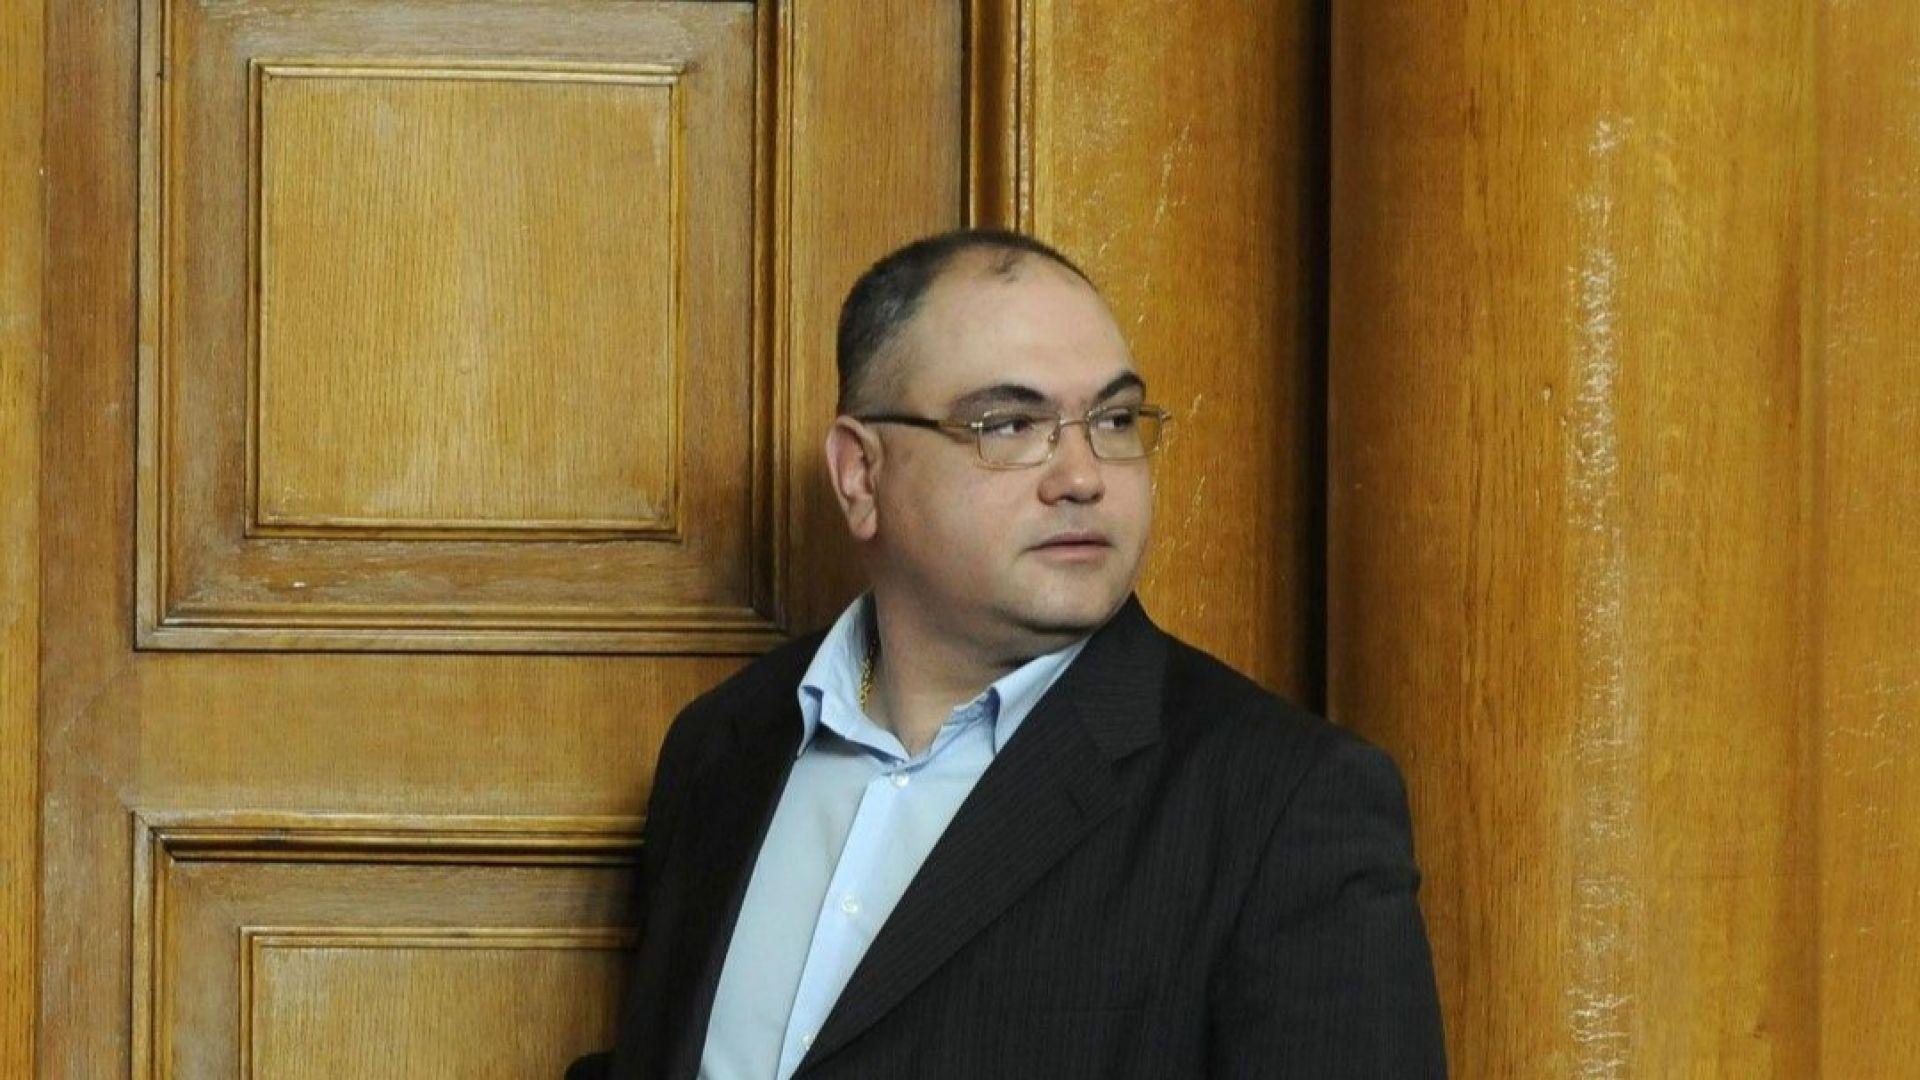 Скандалният бивш депутат Кузов - отново в политиката